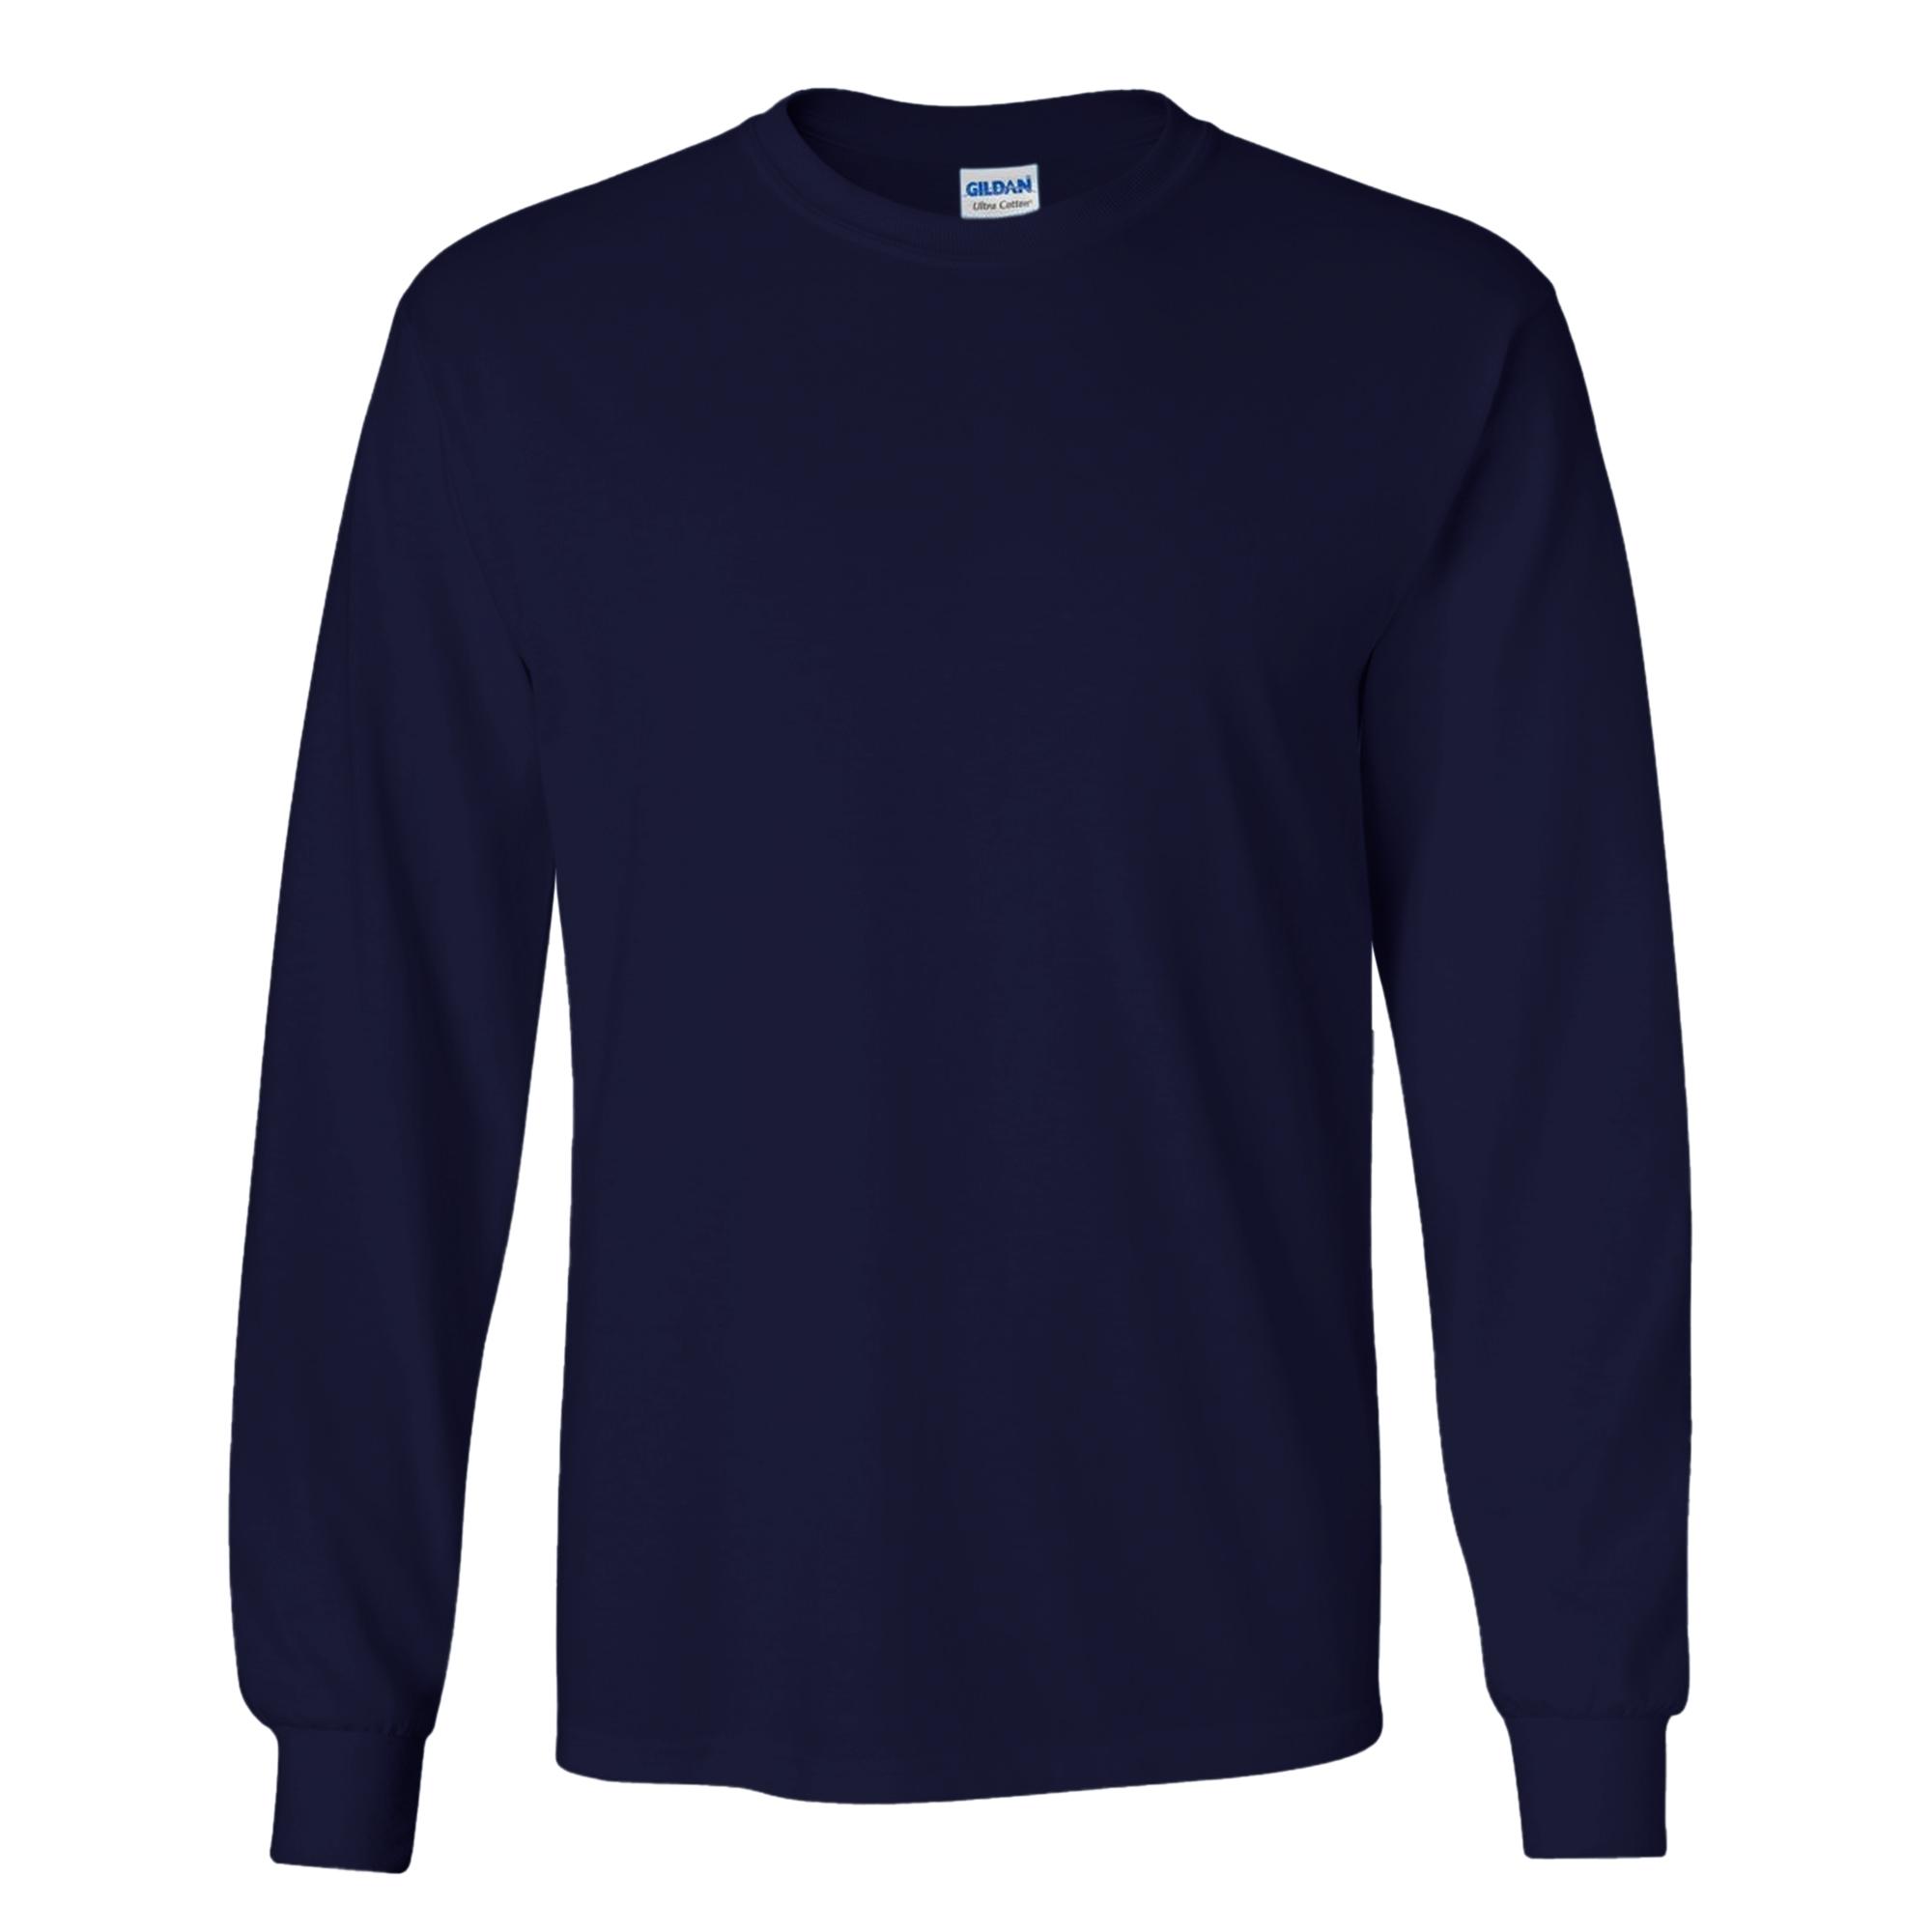 miniature 86 - T-shirt-uni-a-manches-longues-Gildan-100-coton-pour-homme-S-2XL-BC477